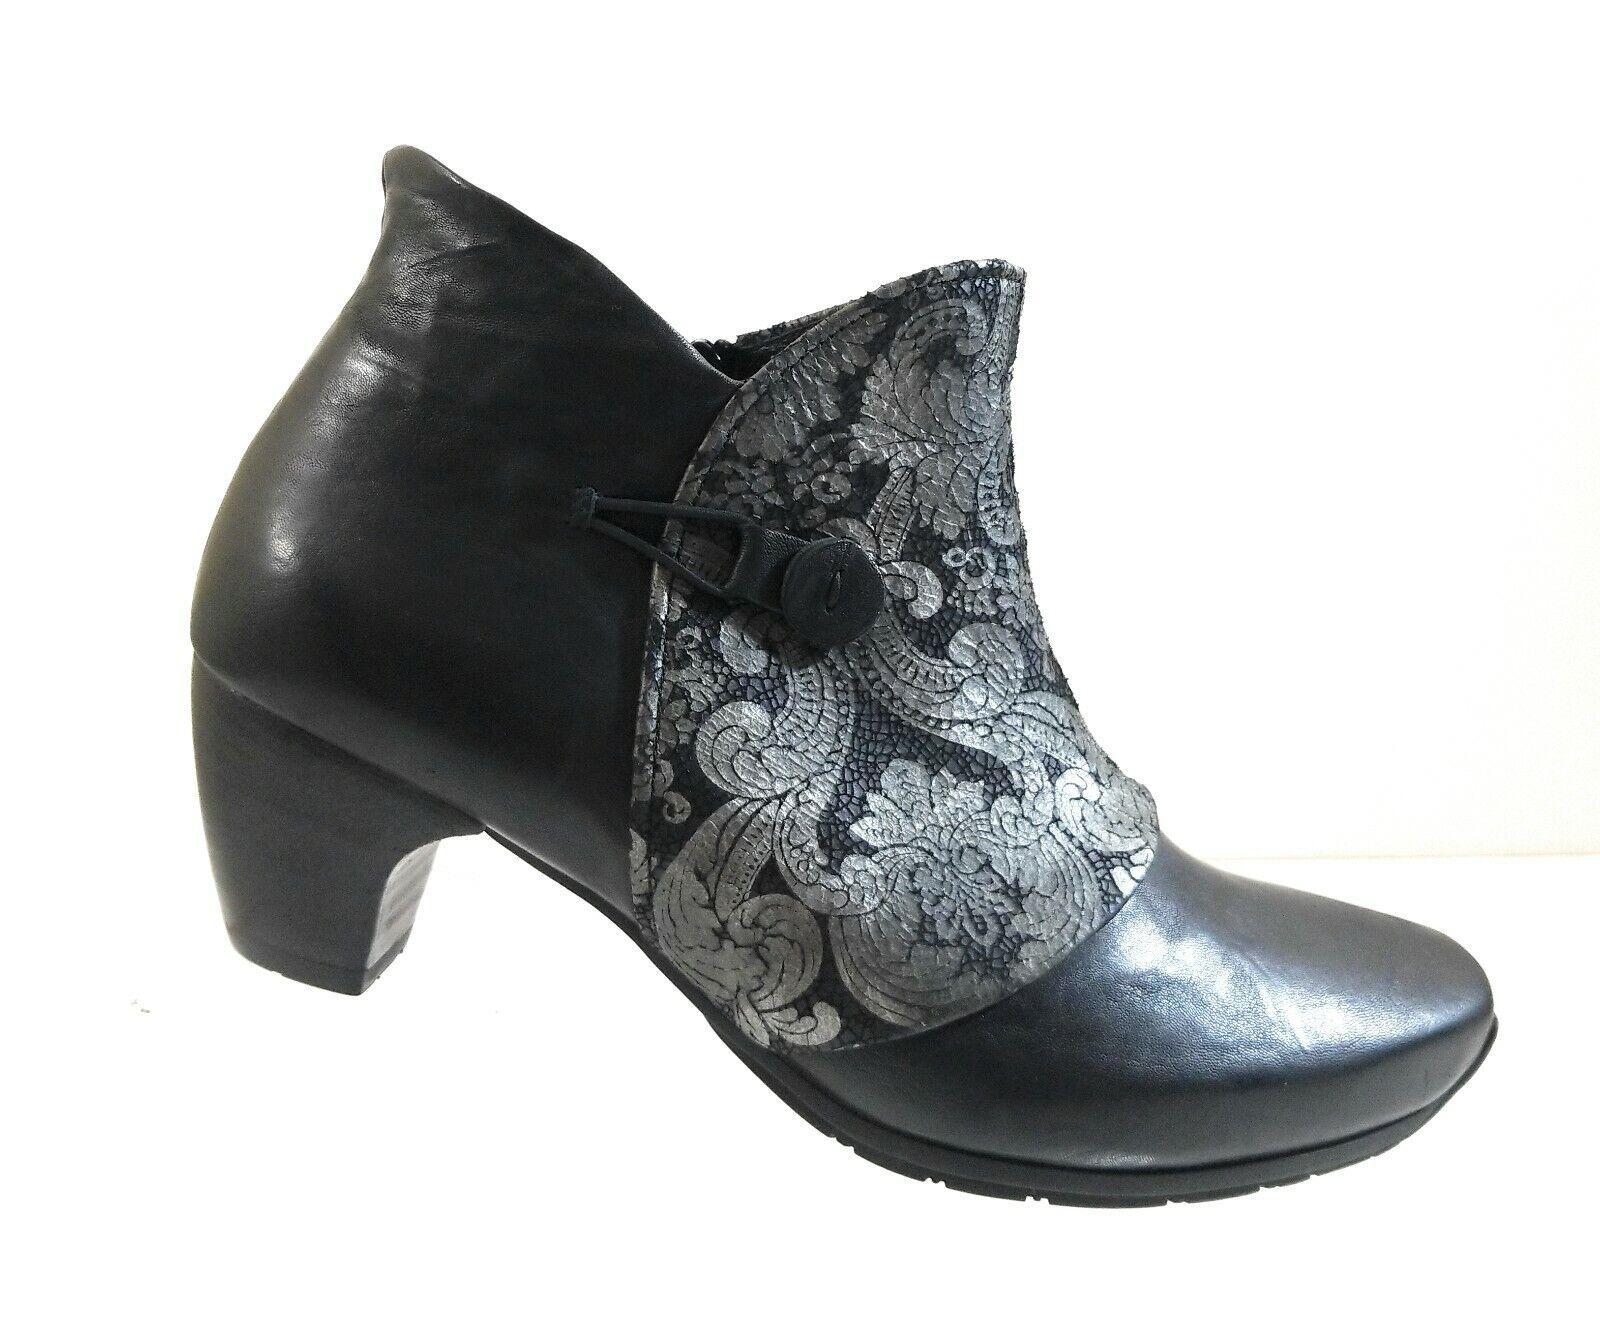 spedizione e scambi gratuiti. Think Think Think  donna nero Leather Heeled Ankle Floral Zip Up Fashion avvioies Sz 41  buona reputazione